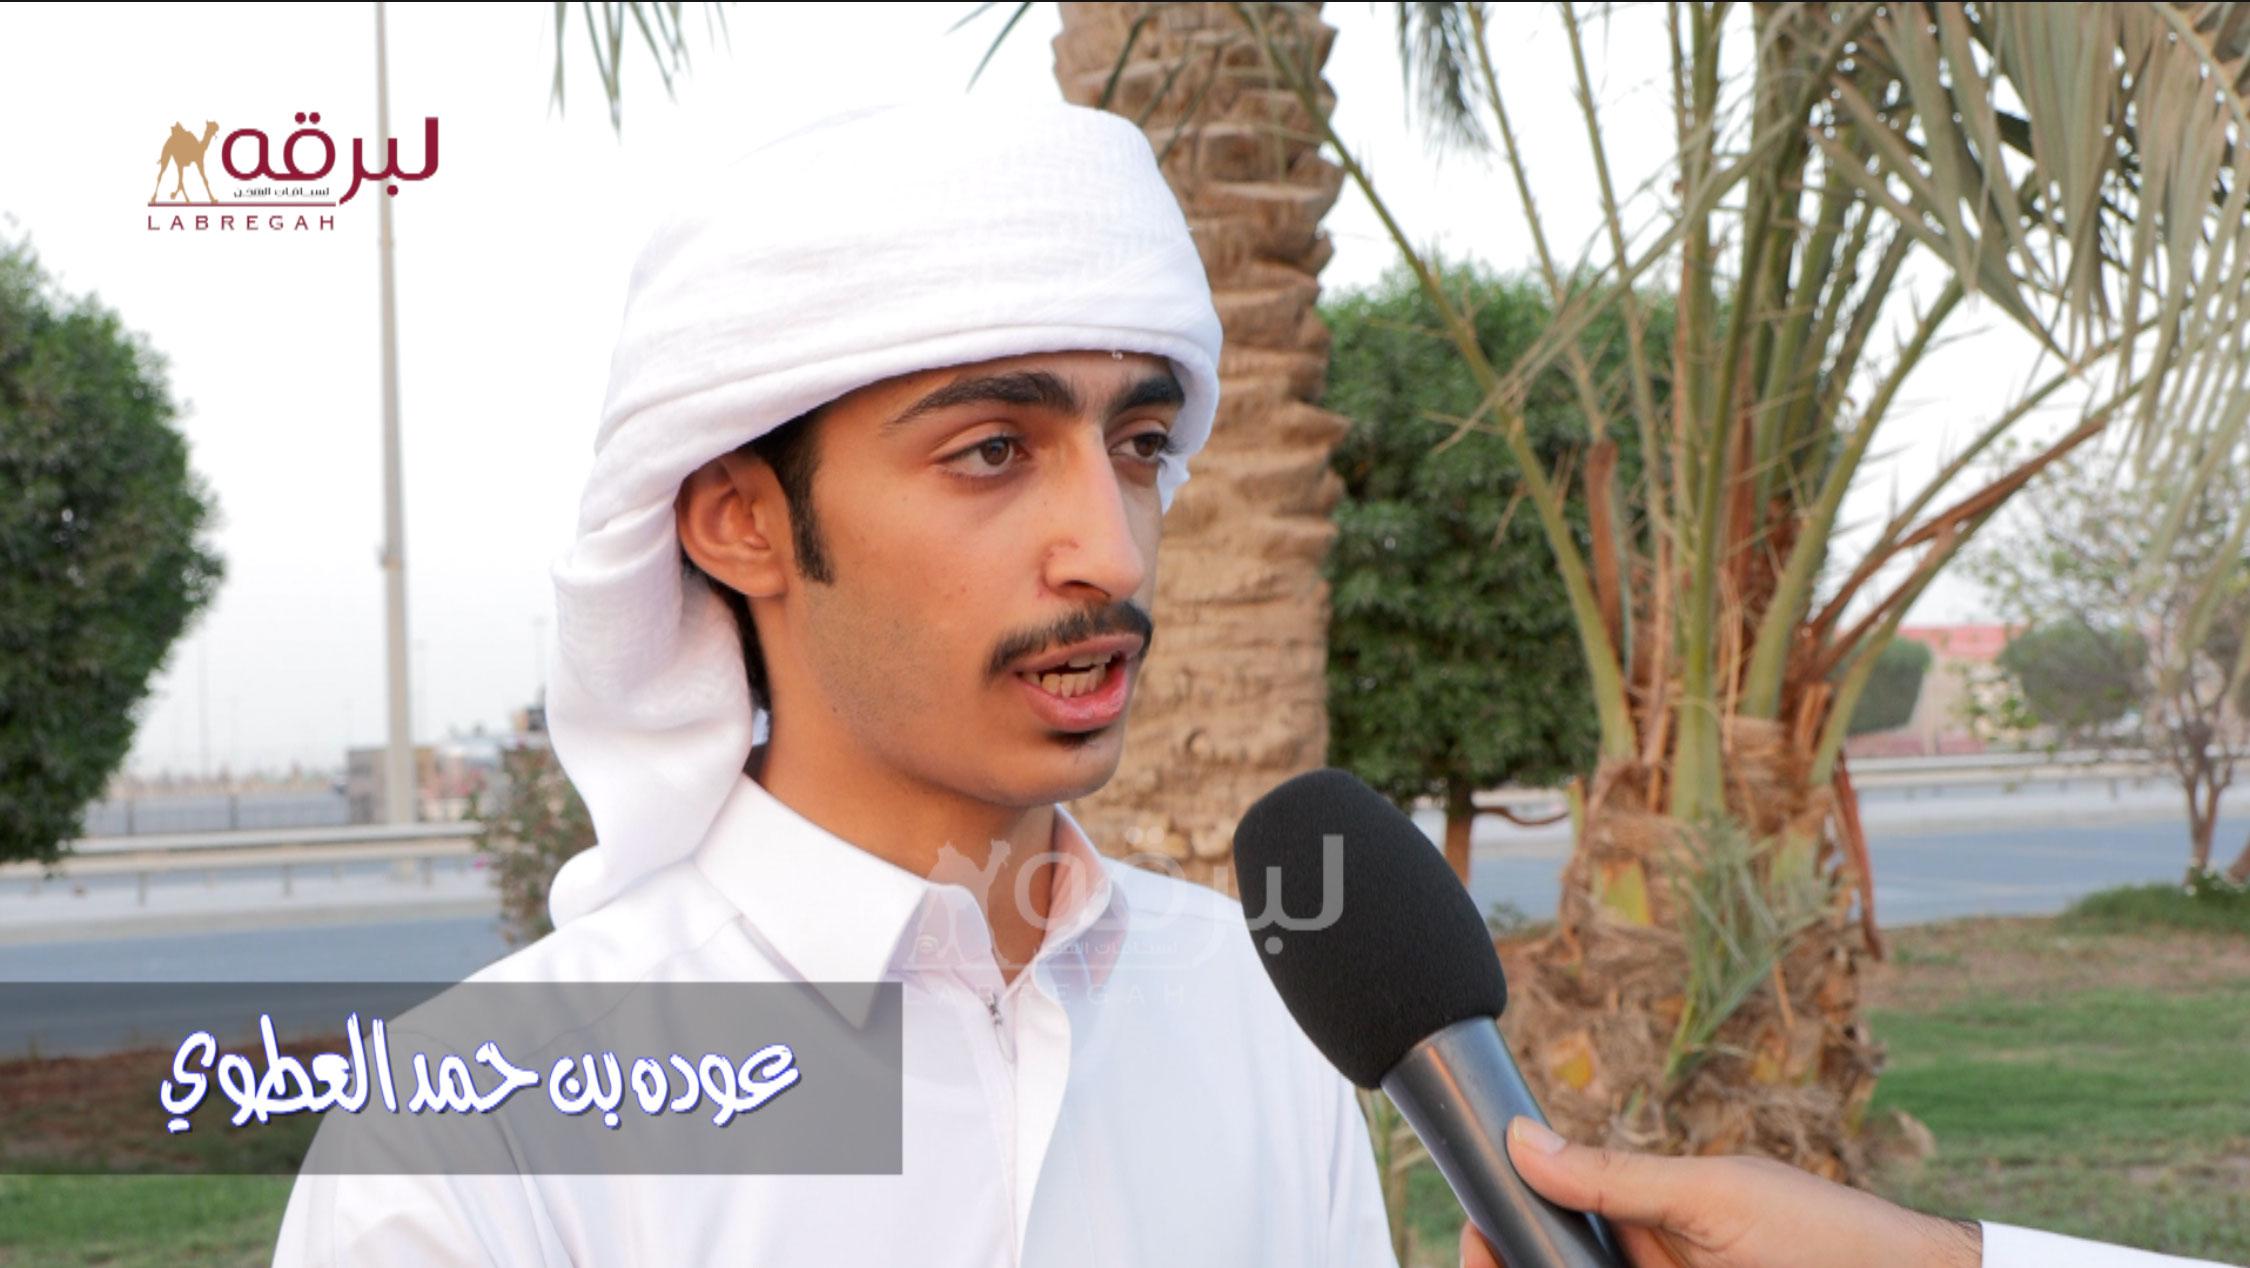 لقاء مع عوده بن حمد العطوي.. الشوط الرئيسي للحقايق بكار (إنتاج) الأشواط العامة  ٧-١٠-٢٠٢١